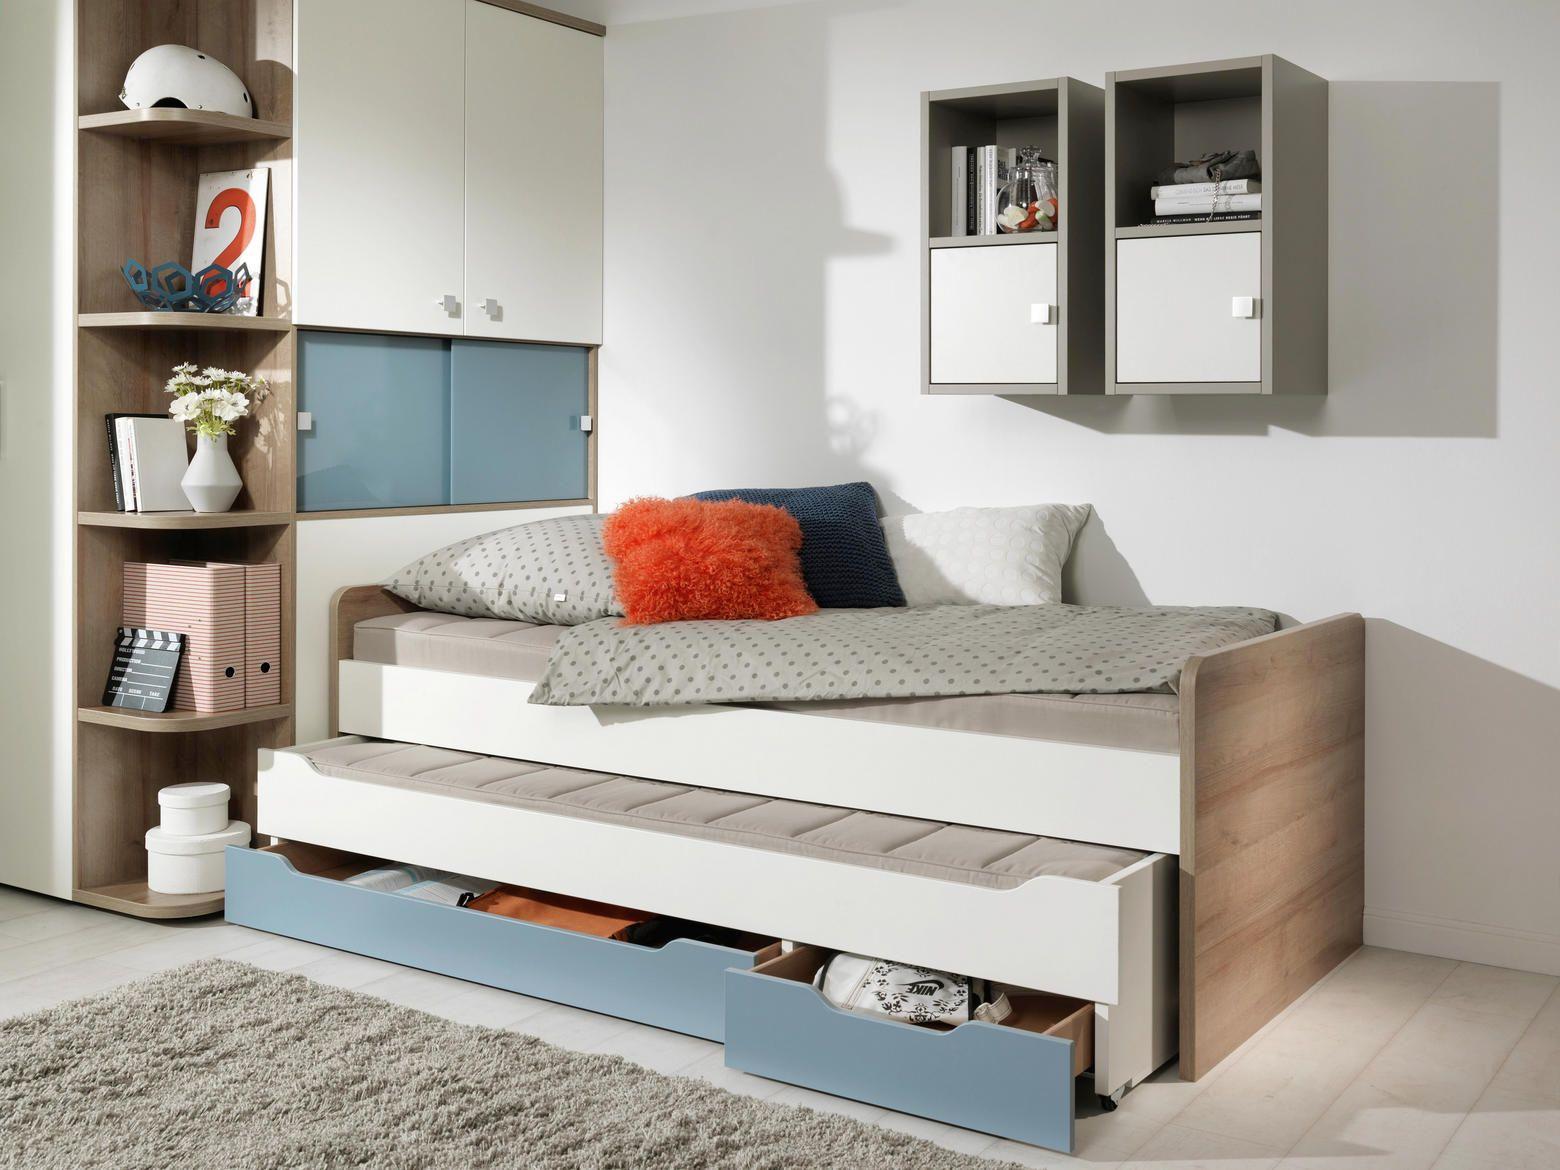 Ausziehbett Blau, Weiß, Braun Einzelbett Ausziehbett